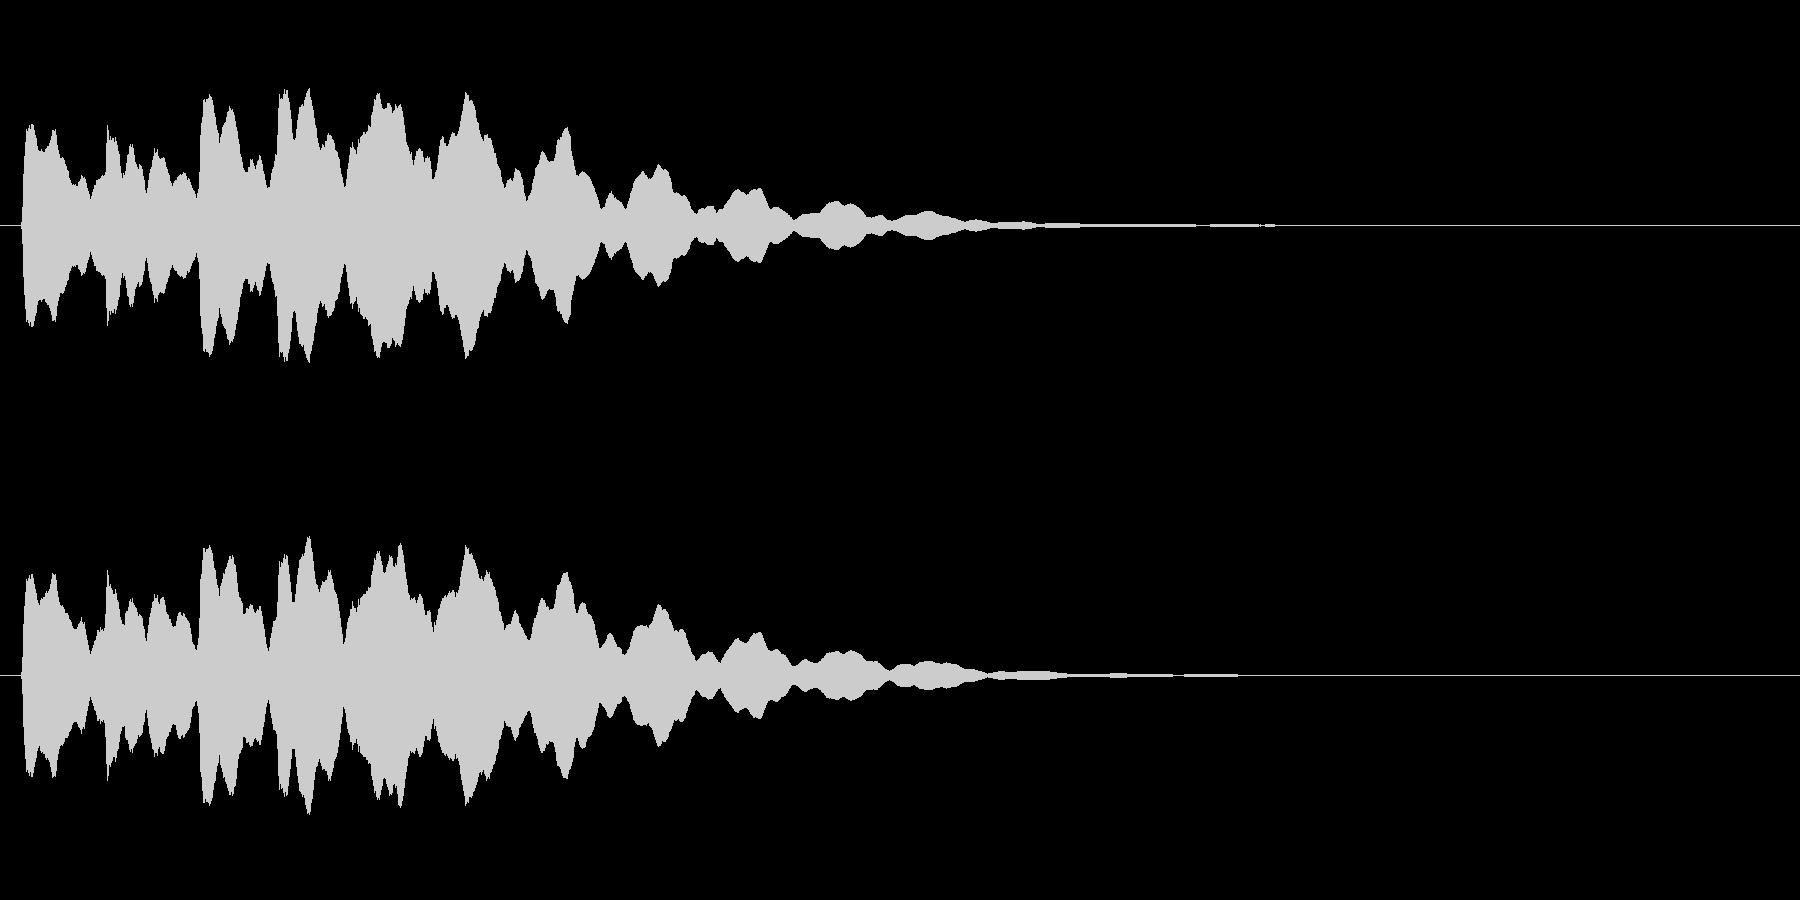 ベル6音、電話着信音【リリリリリリーン】の未再生の波形